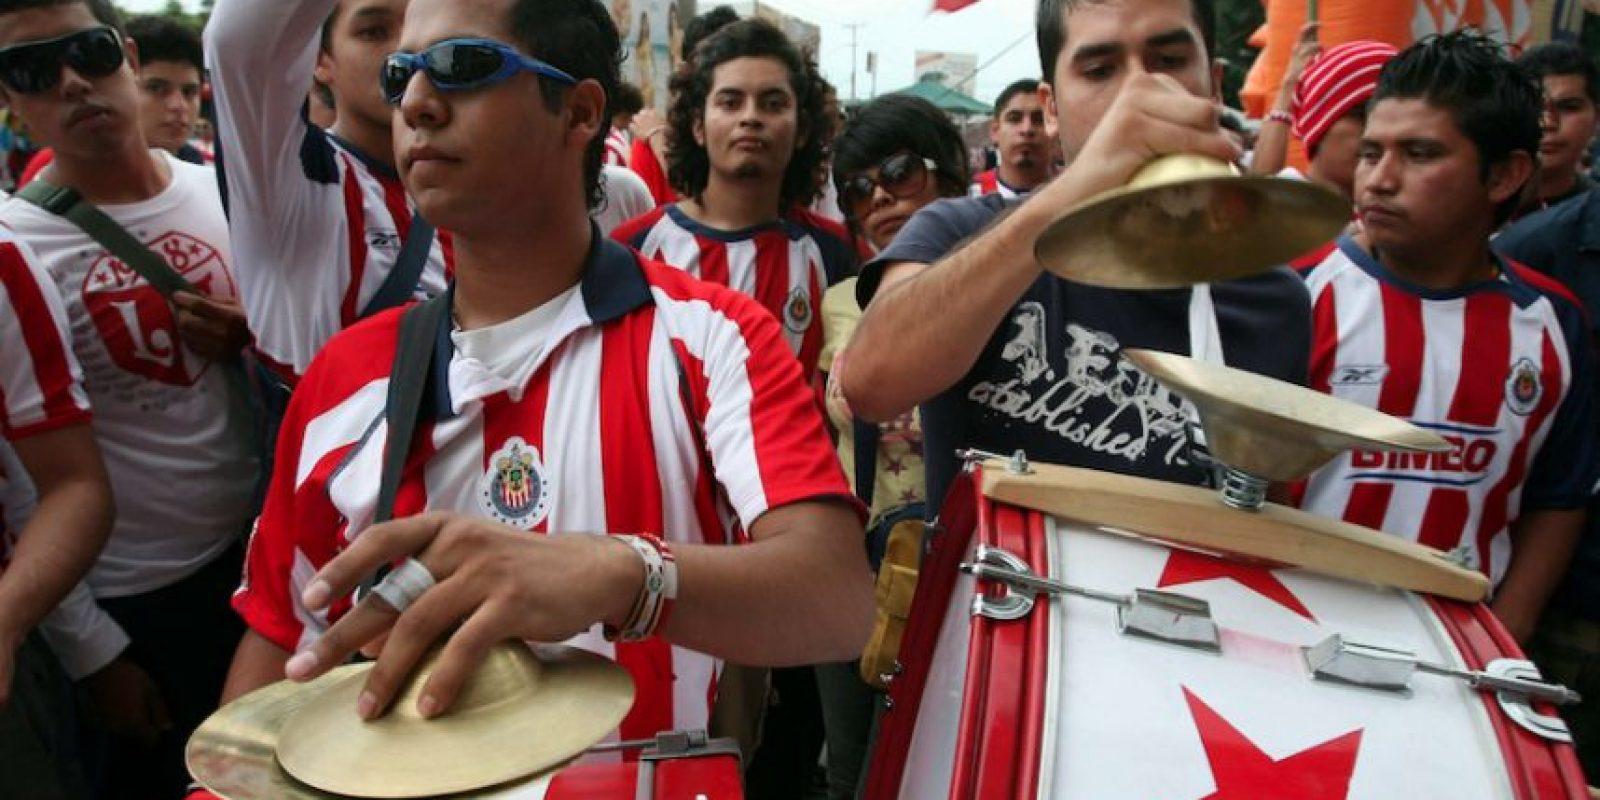 Aficionados de Chivas insultan a americanista en el juego ante Monterrey Foto:Mexsport